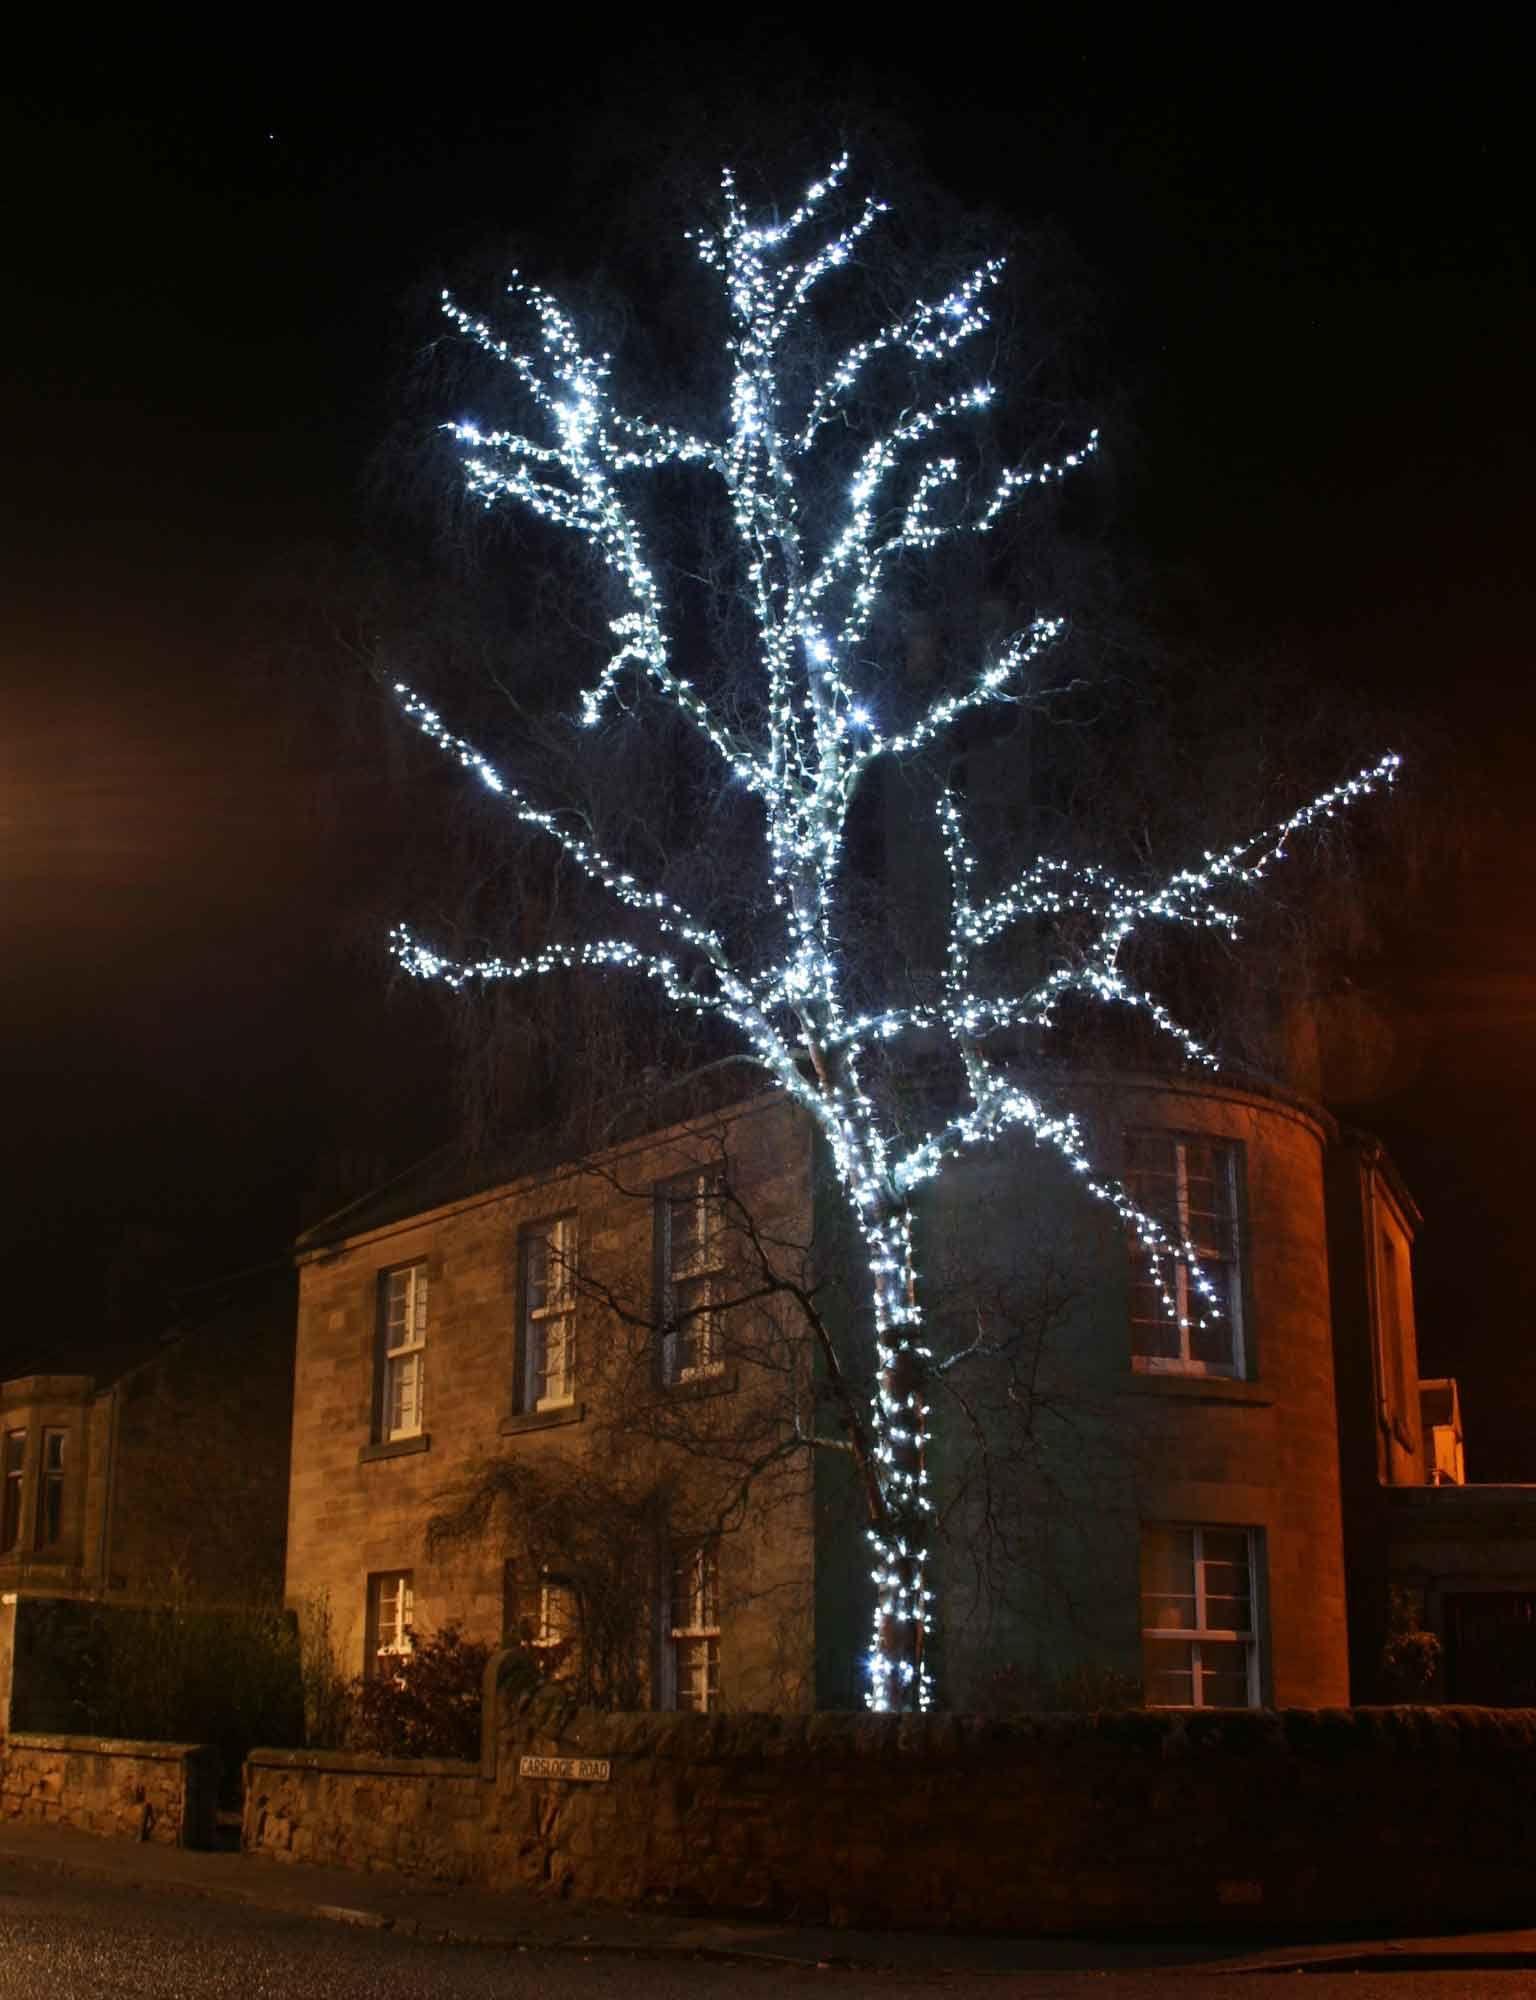 Led Weihnachtsbeleuchtung Baum.Coole Weihnachts Lichter Für Verkauf Weihnachten Baum Licht Sets Im